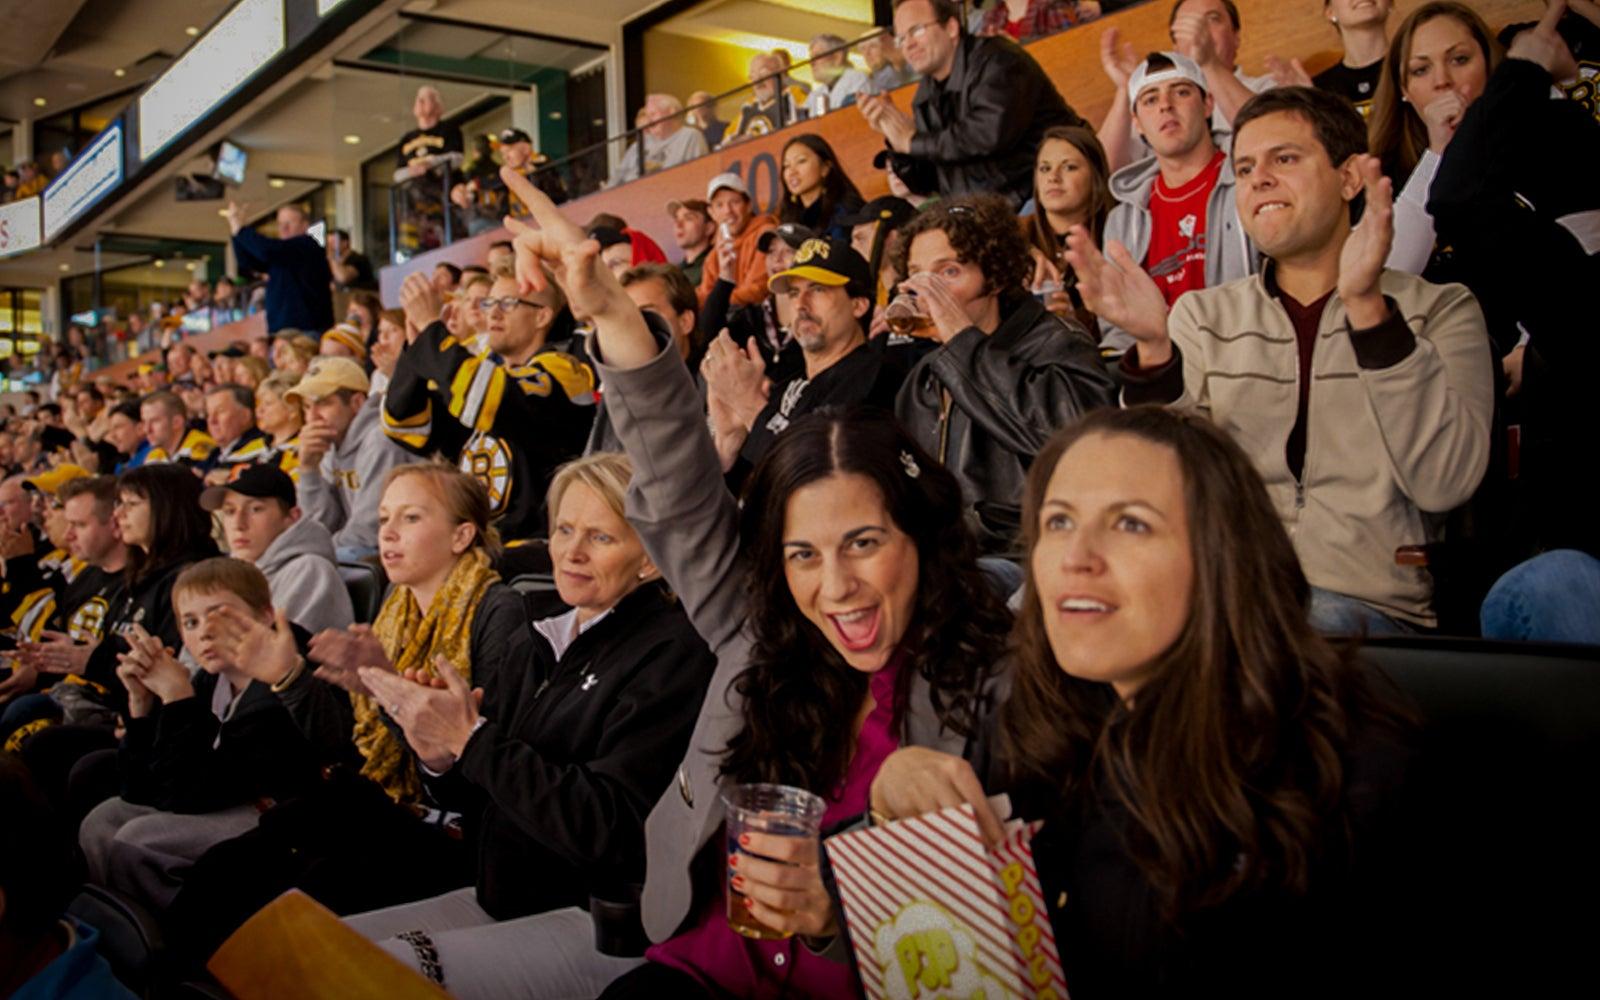 Club Seats fans image